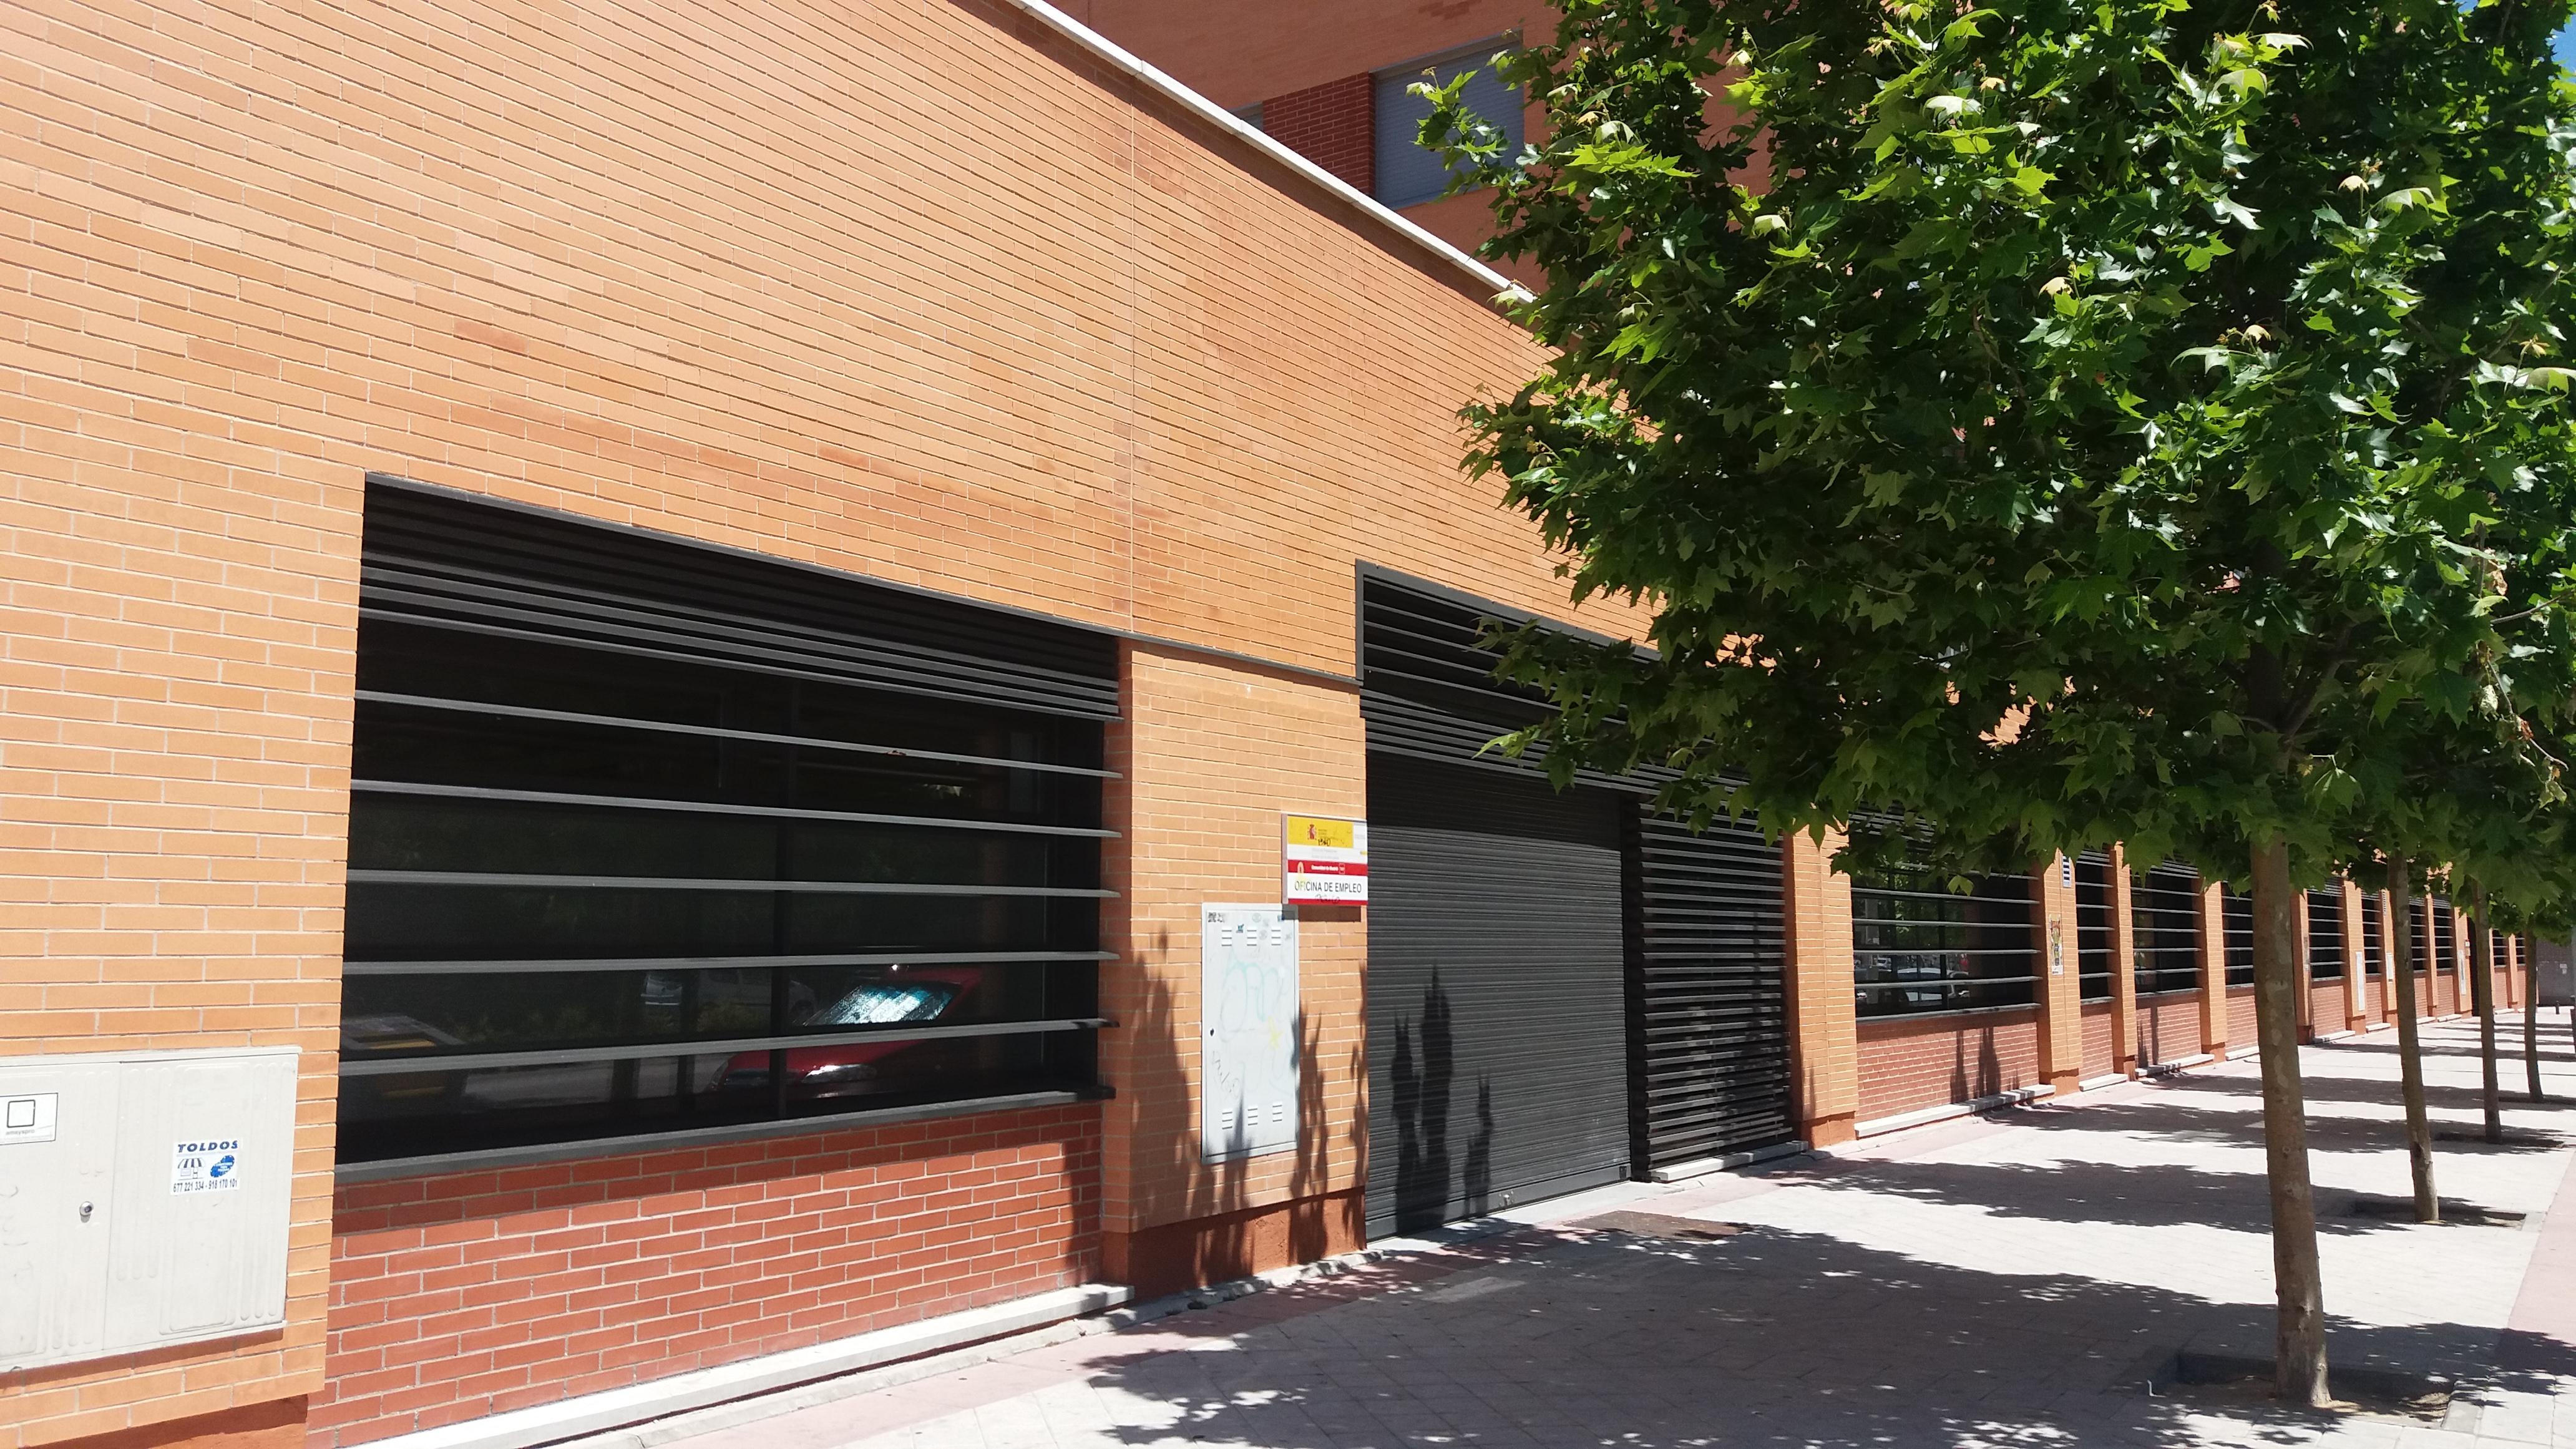 Oficina De Empleo Fuenlabrada Comunidad De Madrid